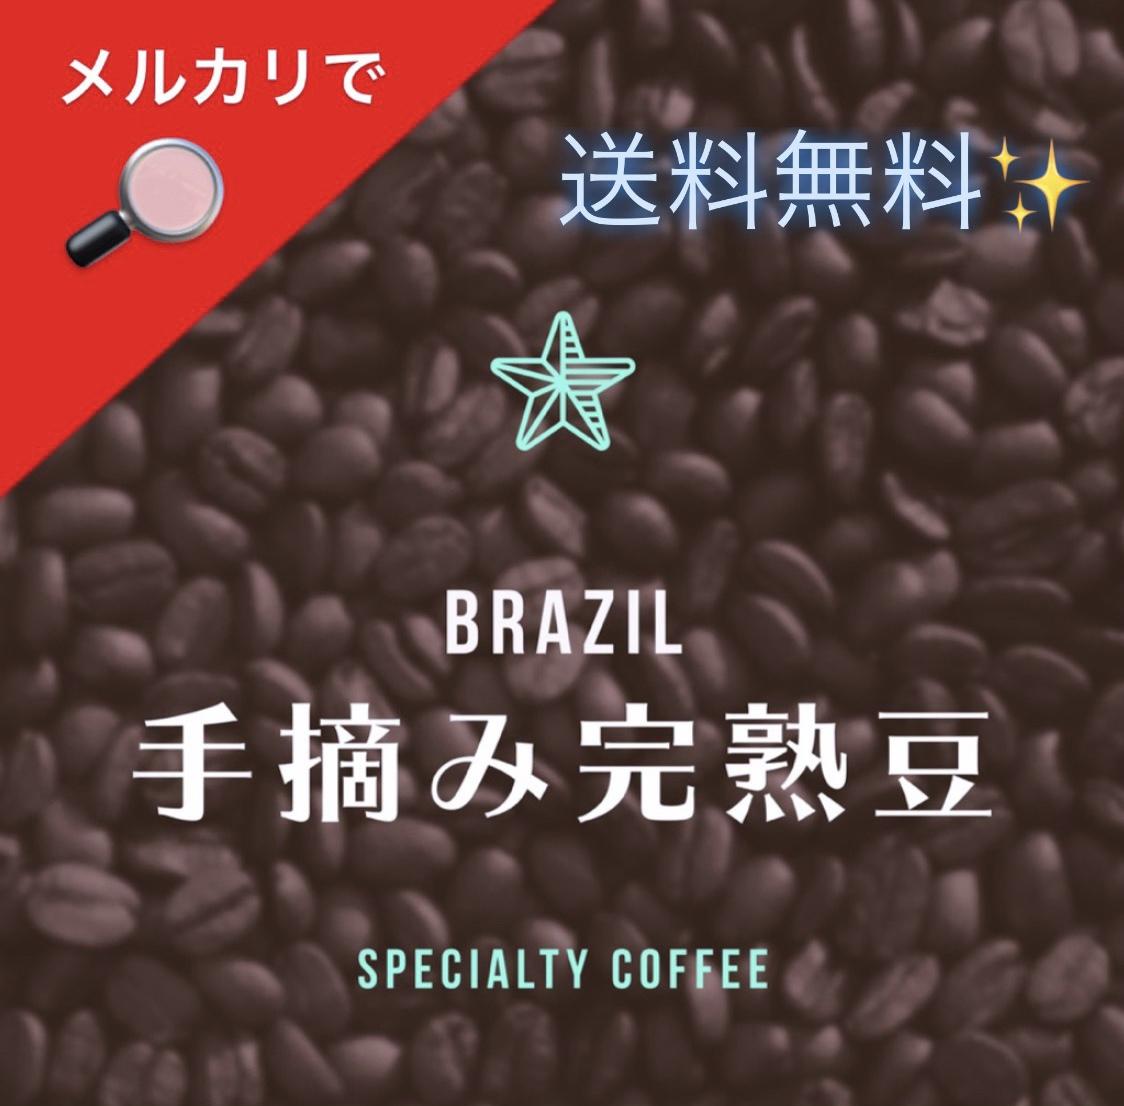 【🔎メルカリ】当店が本当にオススメしたいお得なコーヒー豆がリリース開始いたしました❗️❗️